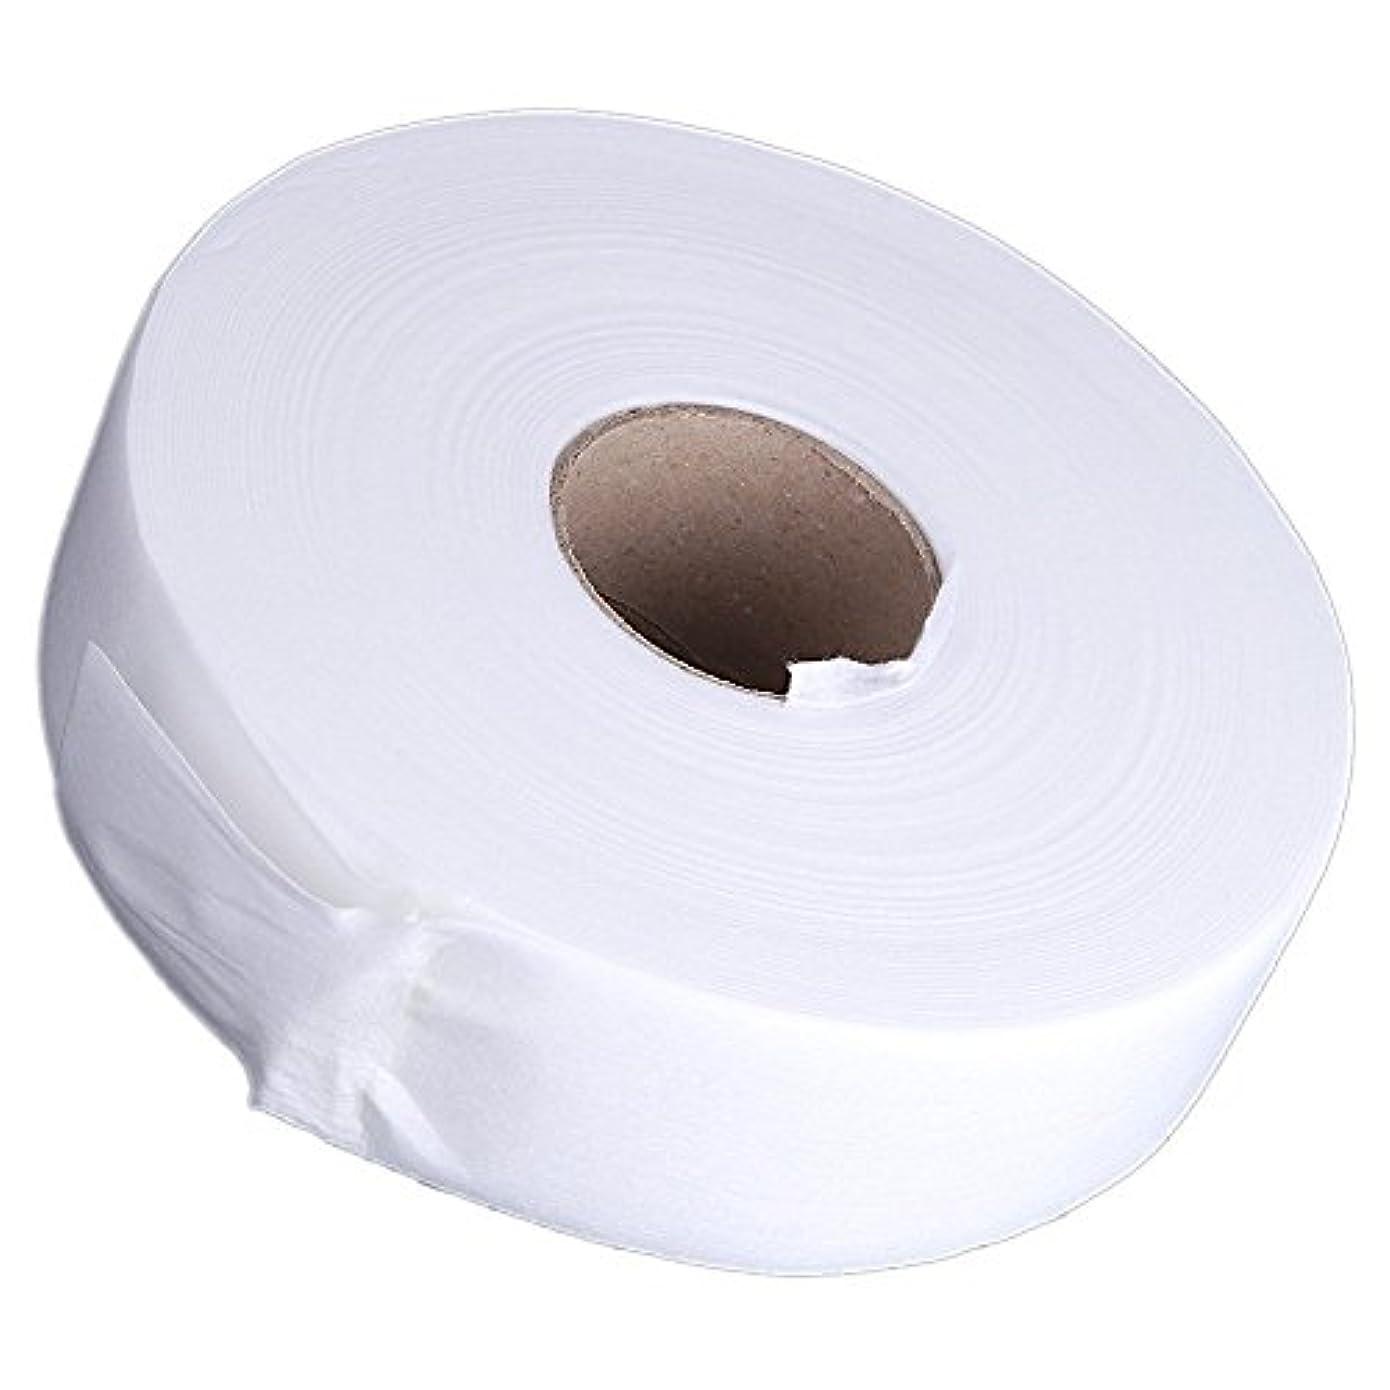 小康コール防止Vaorwne 100ヤードの脱毛紙脱毛ワックスストリップ 不織布ペーパーワックスロール(白)